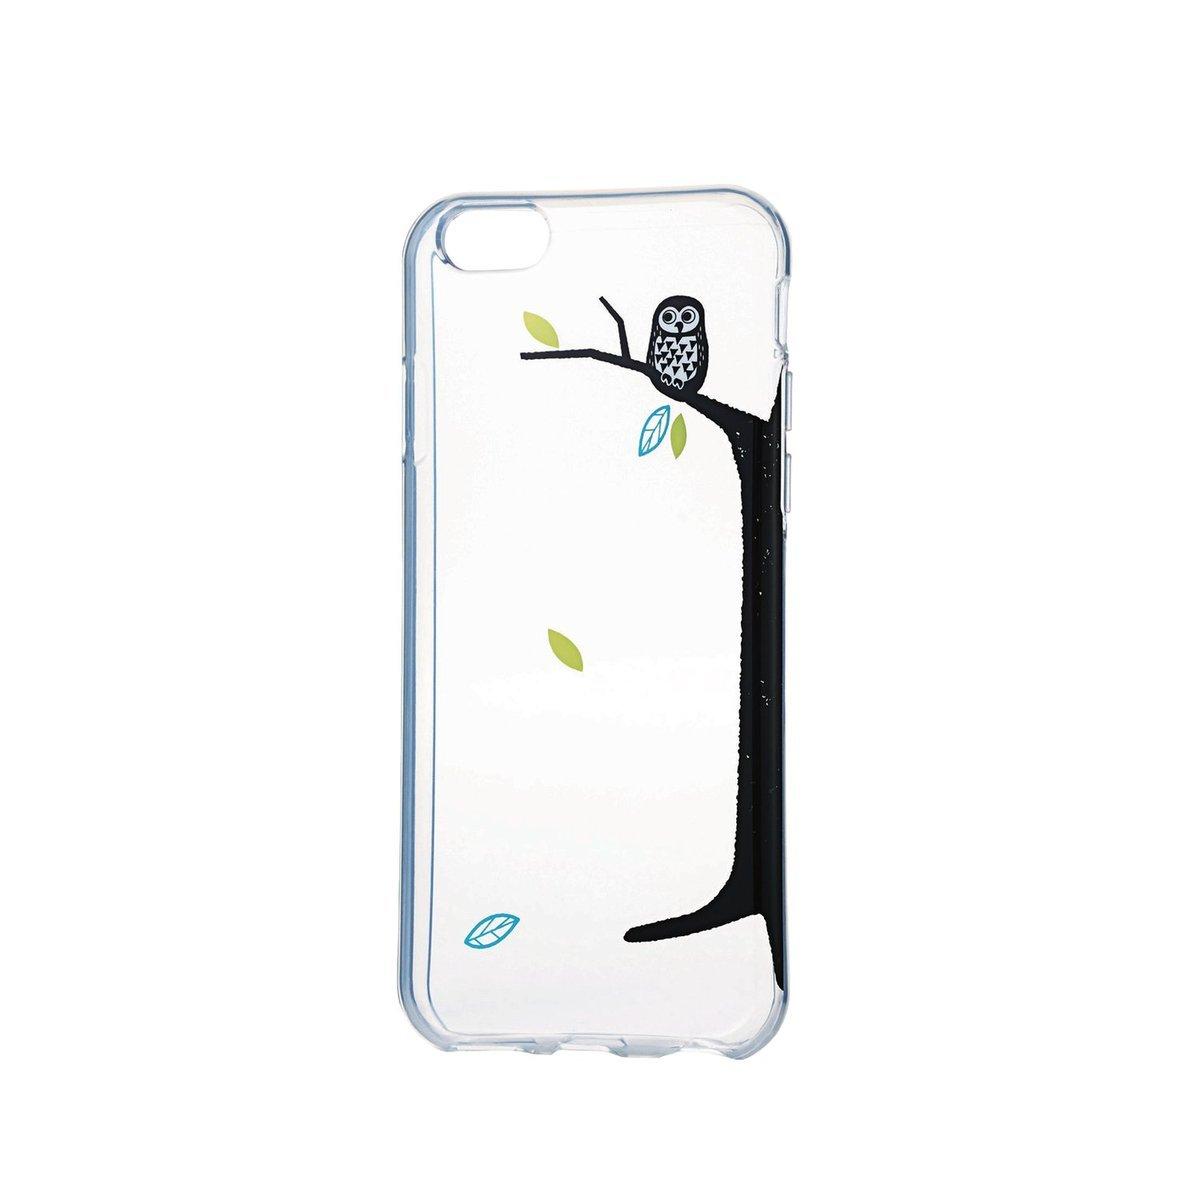 iPhone 6/6S 少女風軟殼(貓頭鷹)